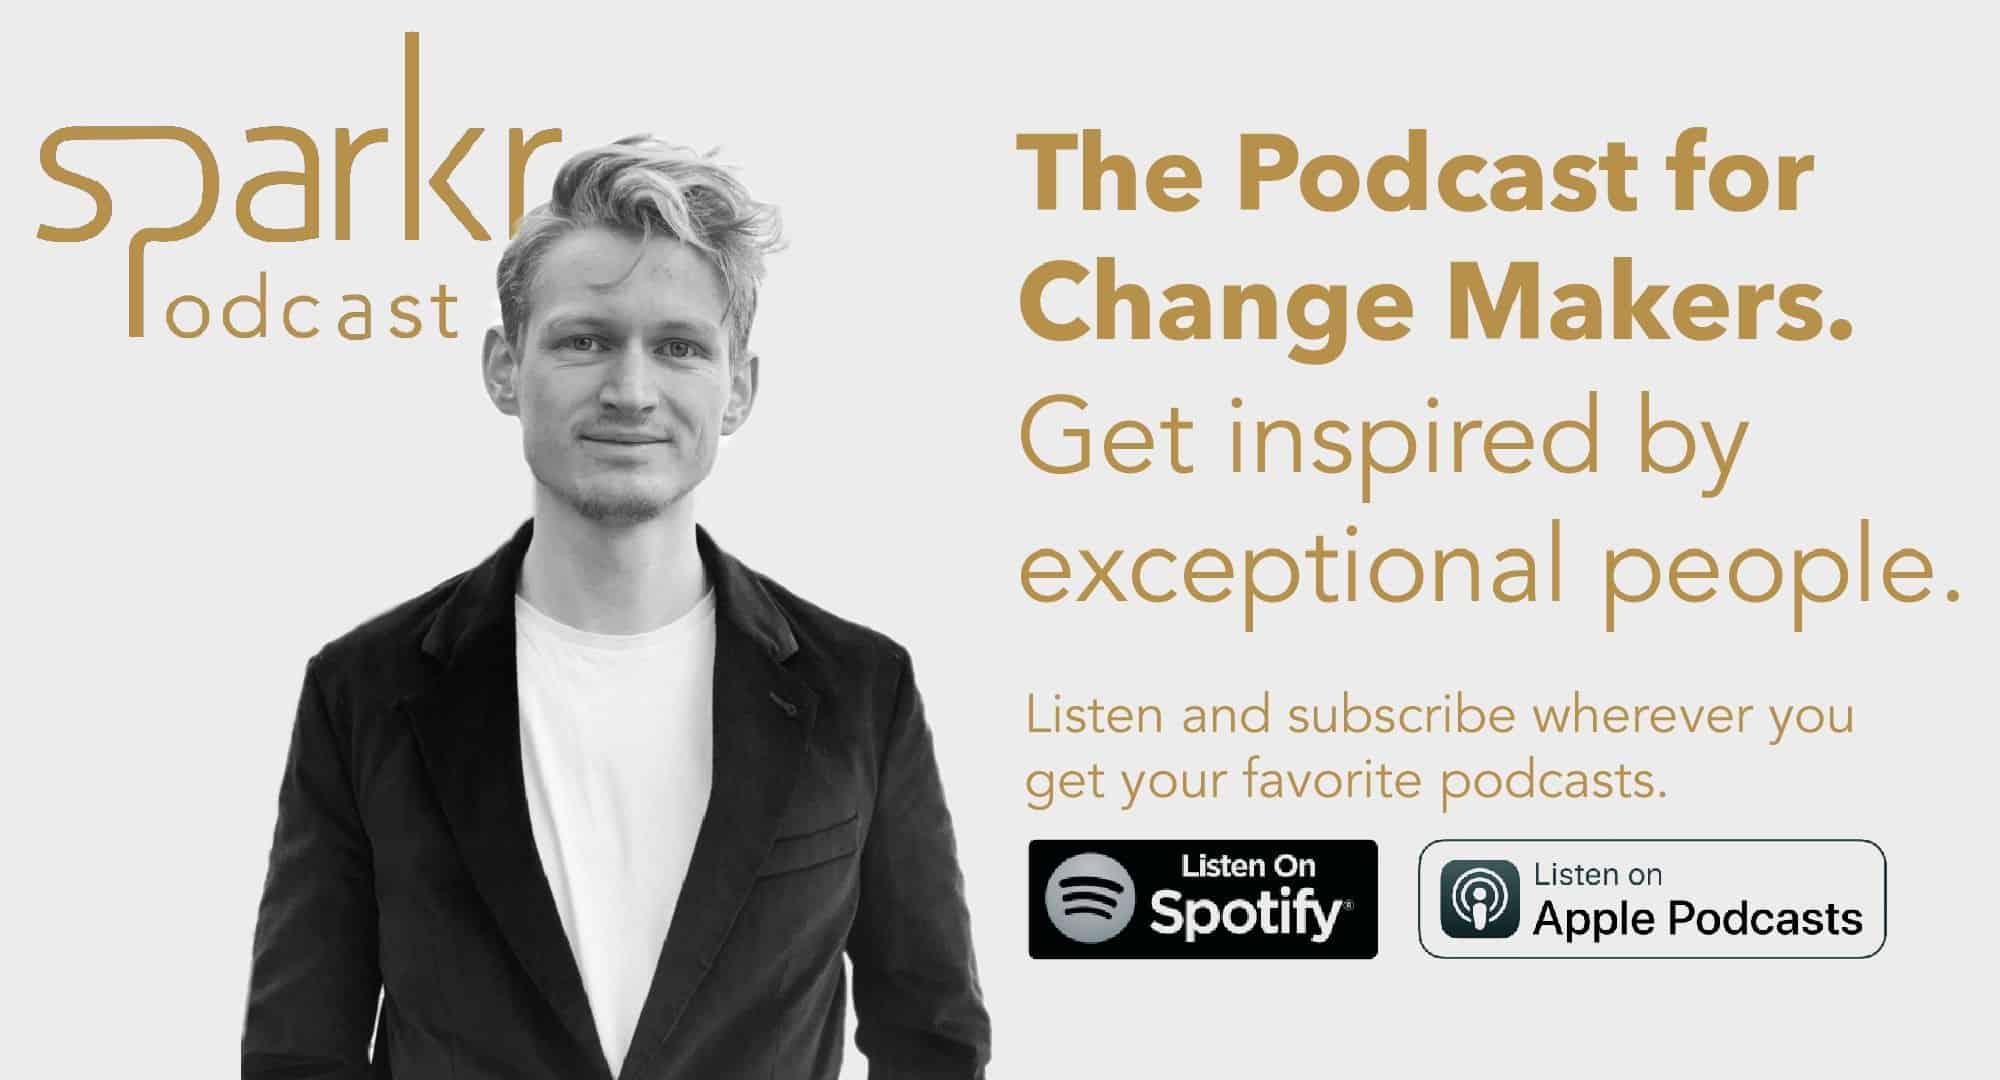 Sparkr Podcast - Podcast for Change Makers - Teaser EN